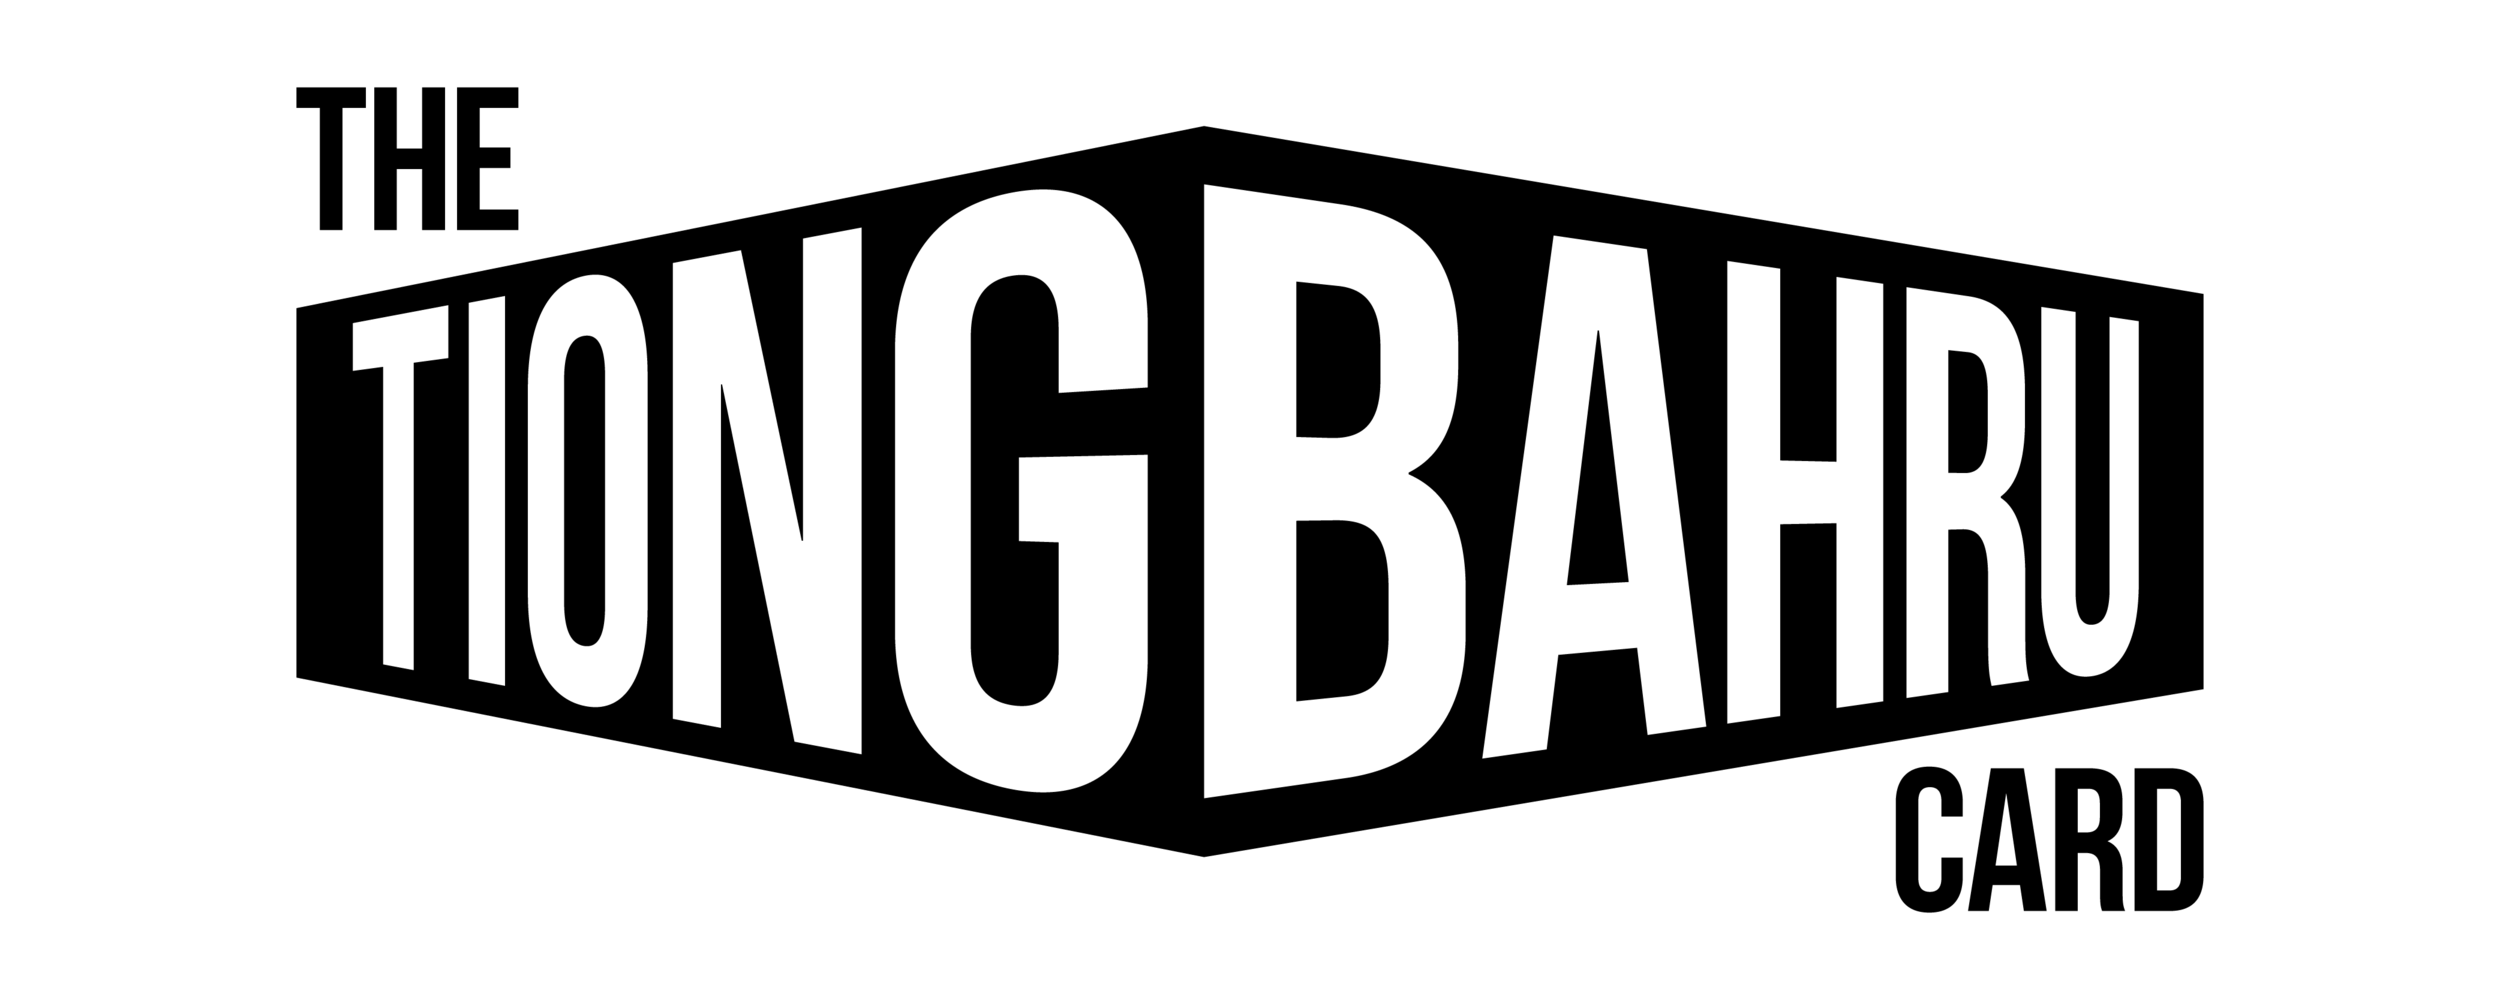 tbc logo-02.png